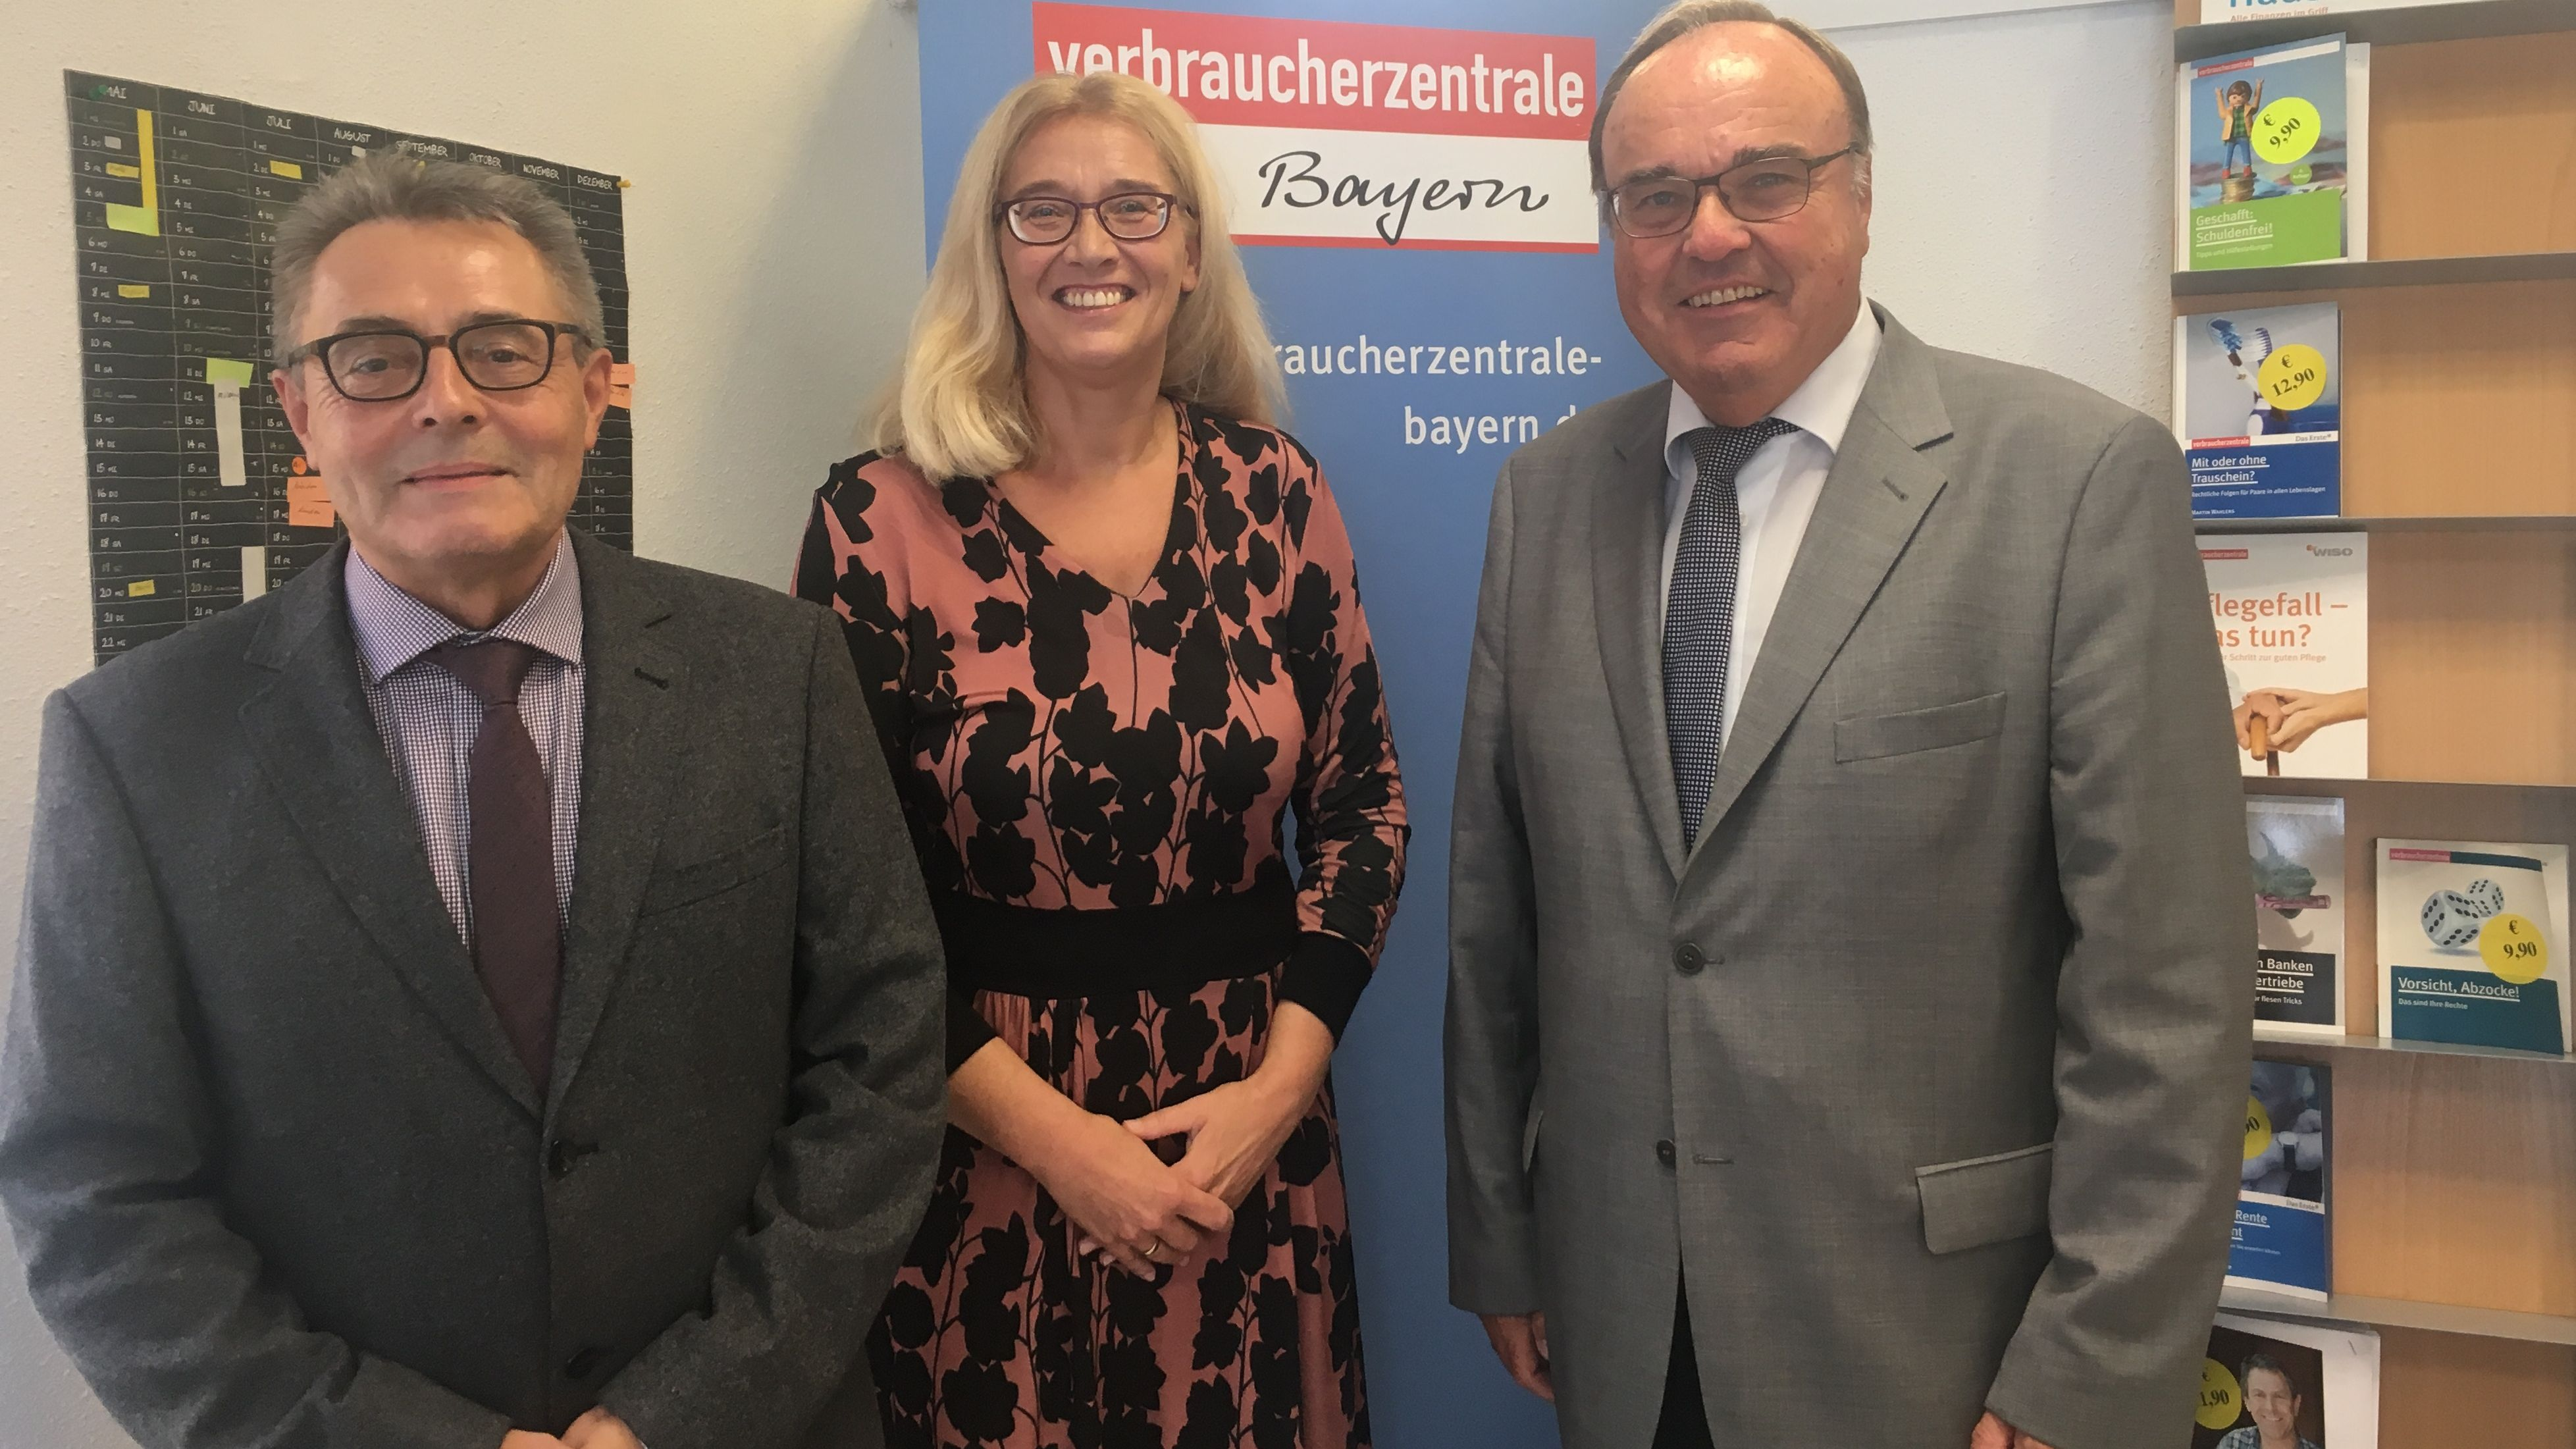 Meinhard  Krems Leiter der Beratungsstelle Hof mit Marion Zinkeler Verbraucherzentrale Bayern und Hofs Bürgermeister Eberhard Siller